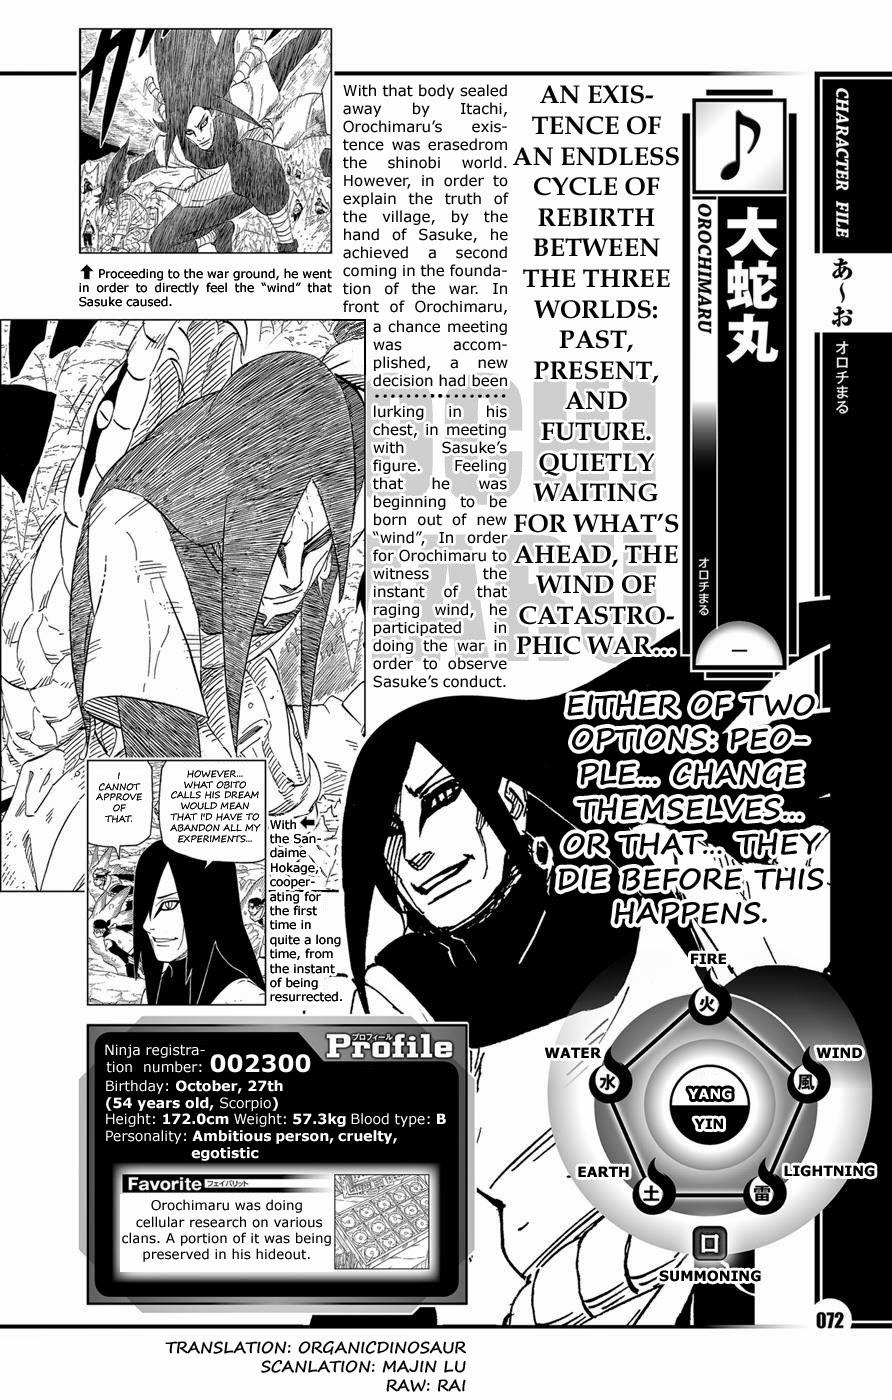 Naruto Character Data Book